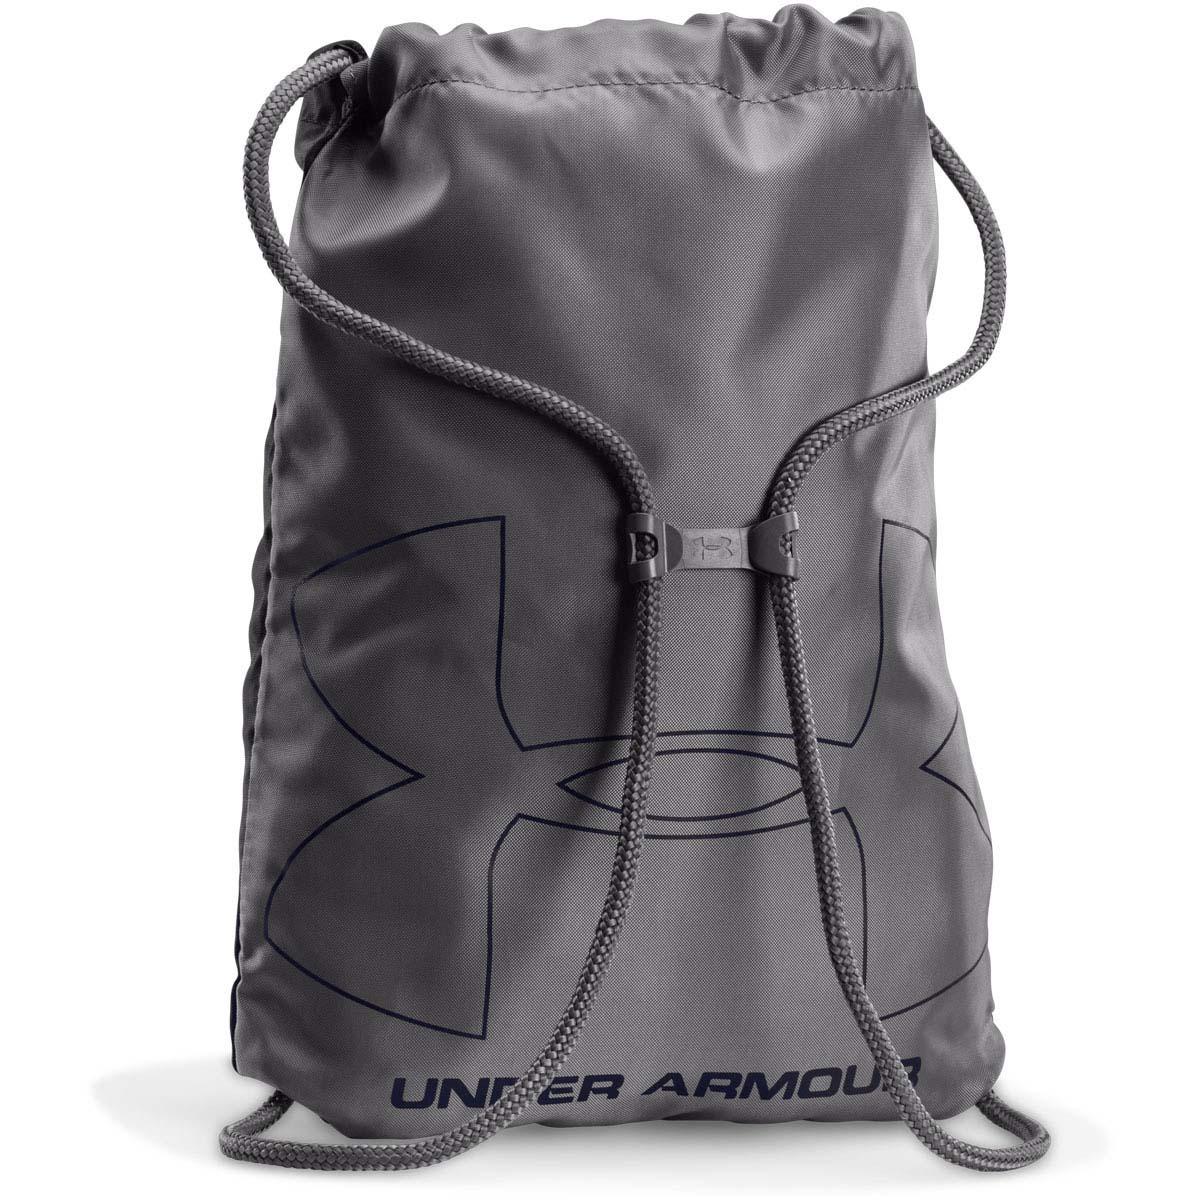 e5b1f6e7d3 Under Armour 2019 UA Ozsee Sackpack Drawstring Bag Gym School ...